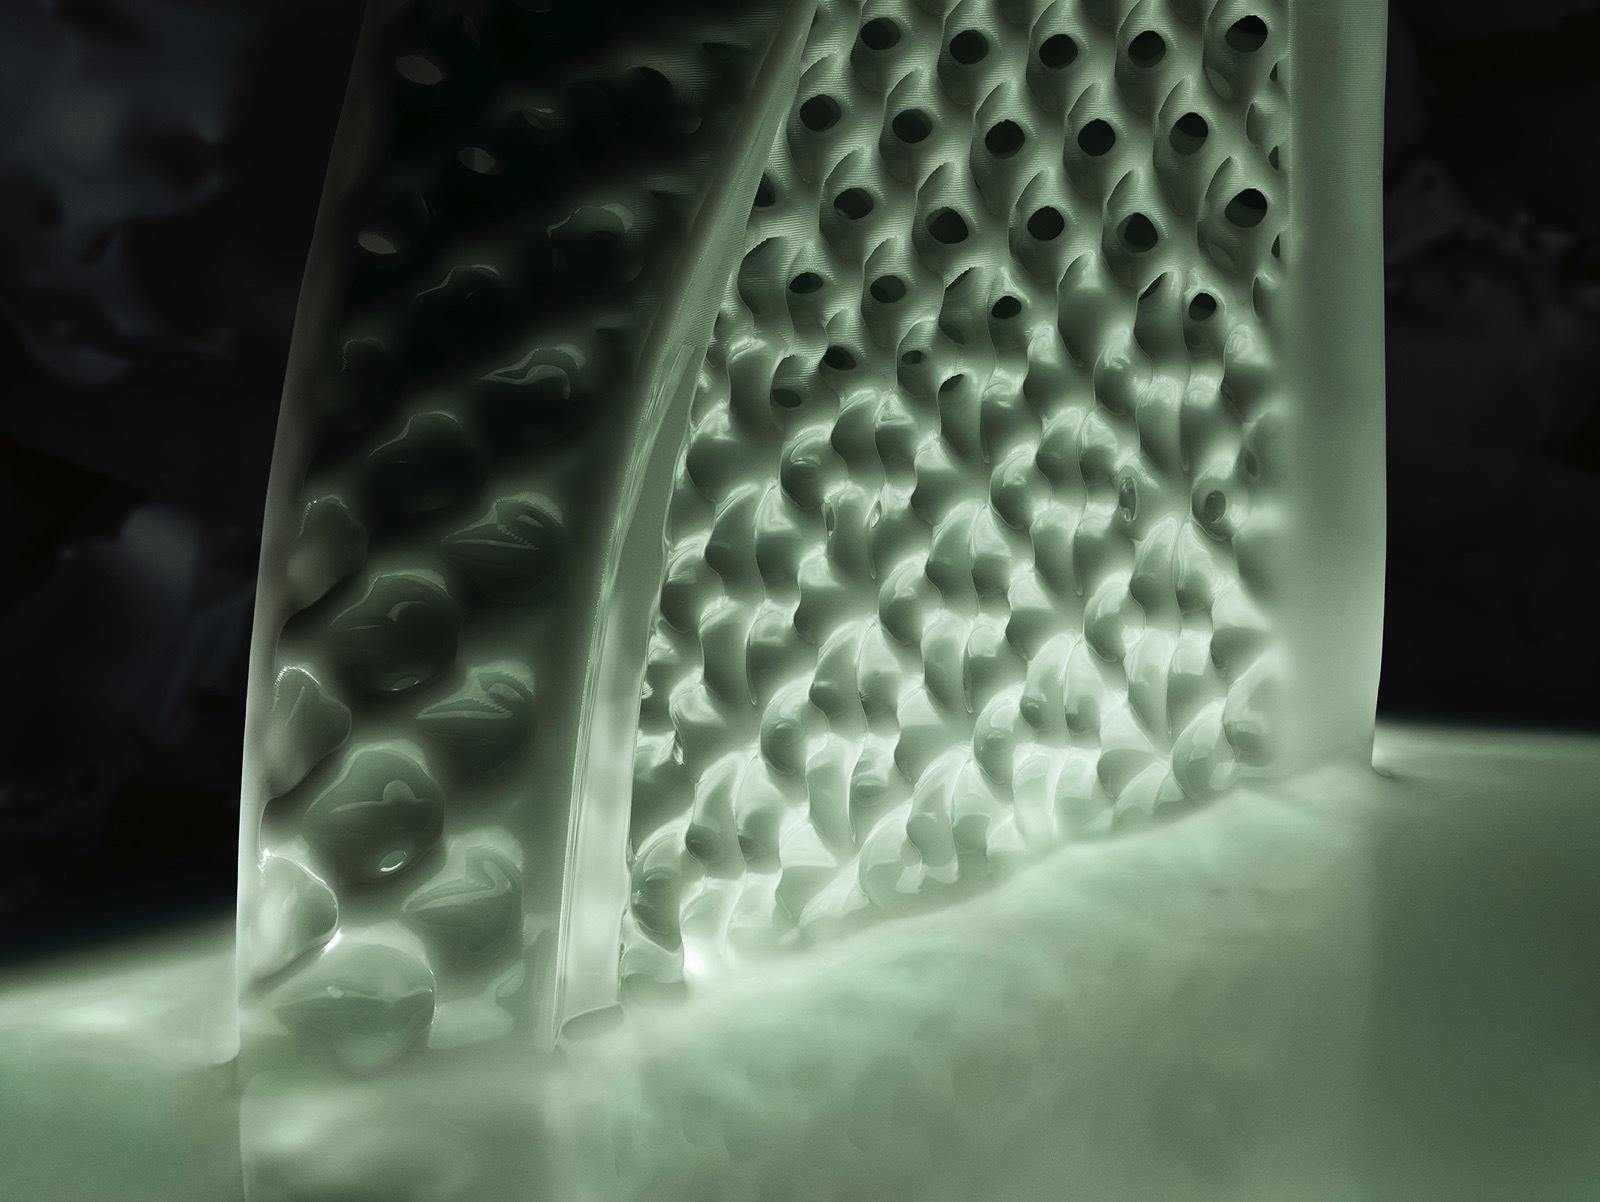 Adidas Futurecraft 4D mở màn kỷ nguyên giày in 3D hàng loạt